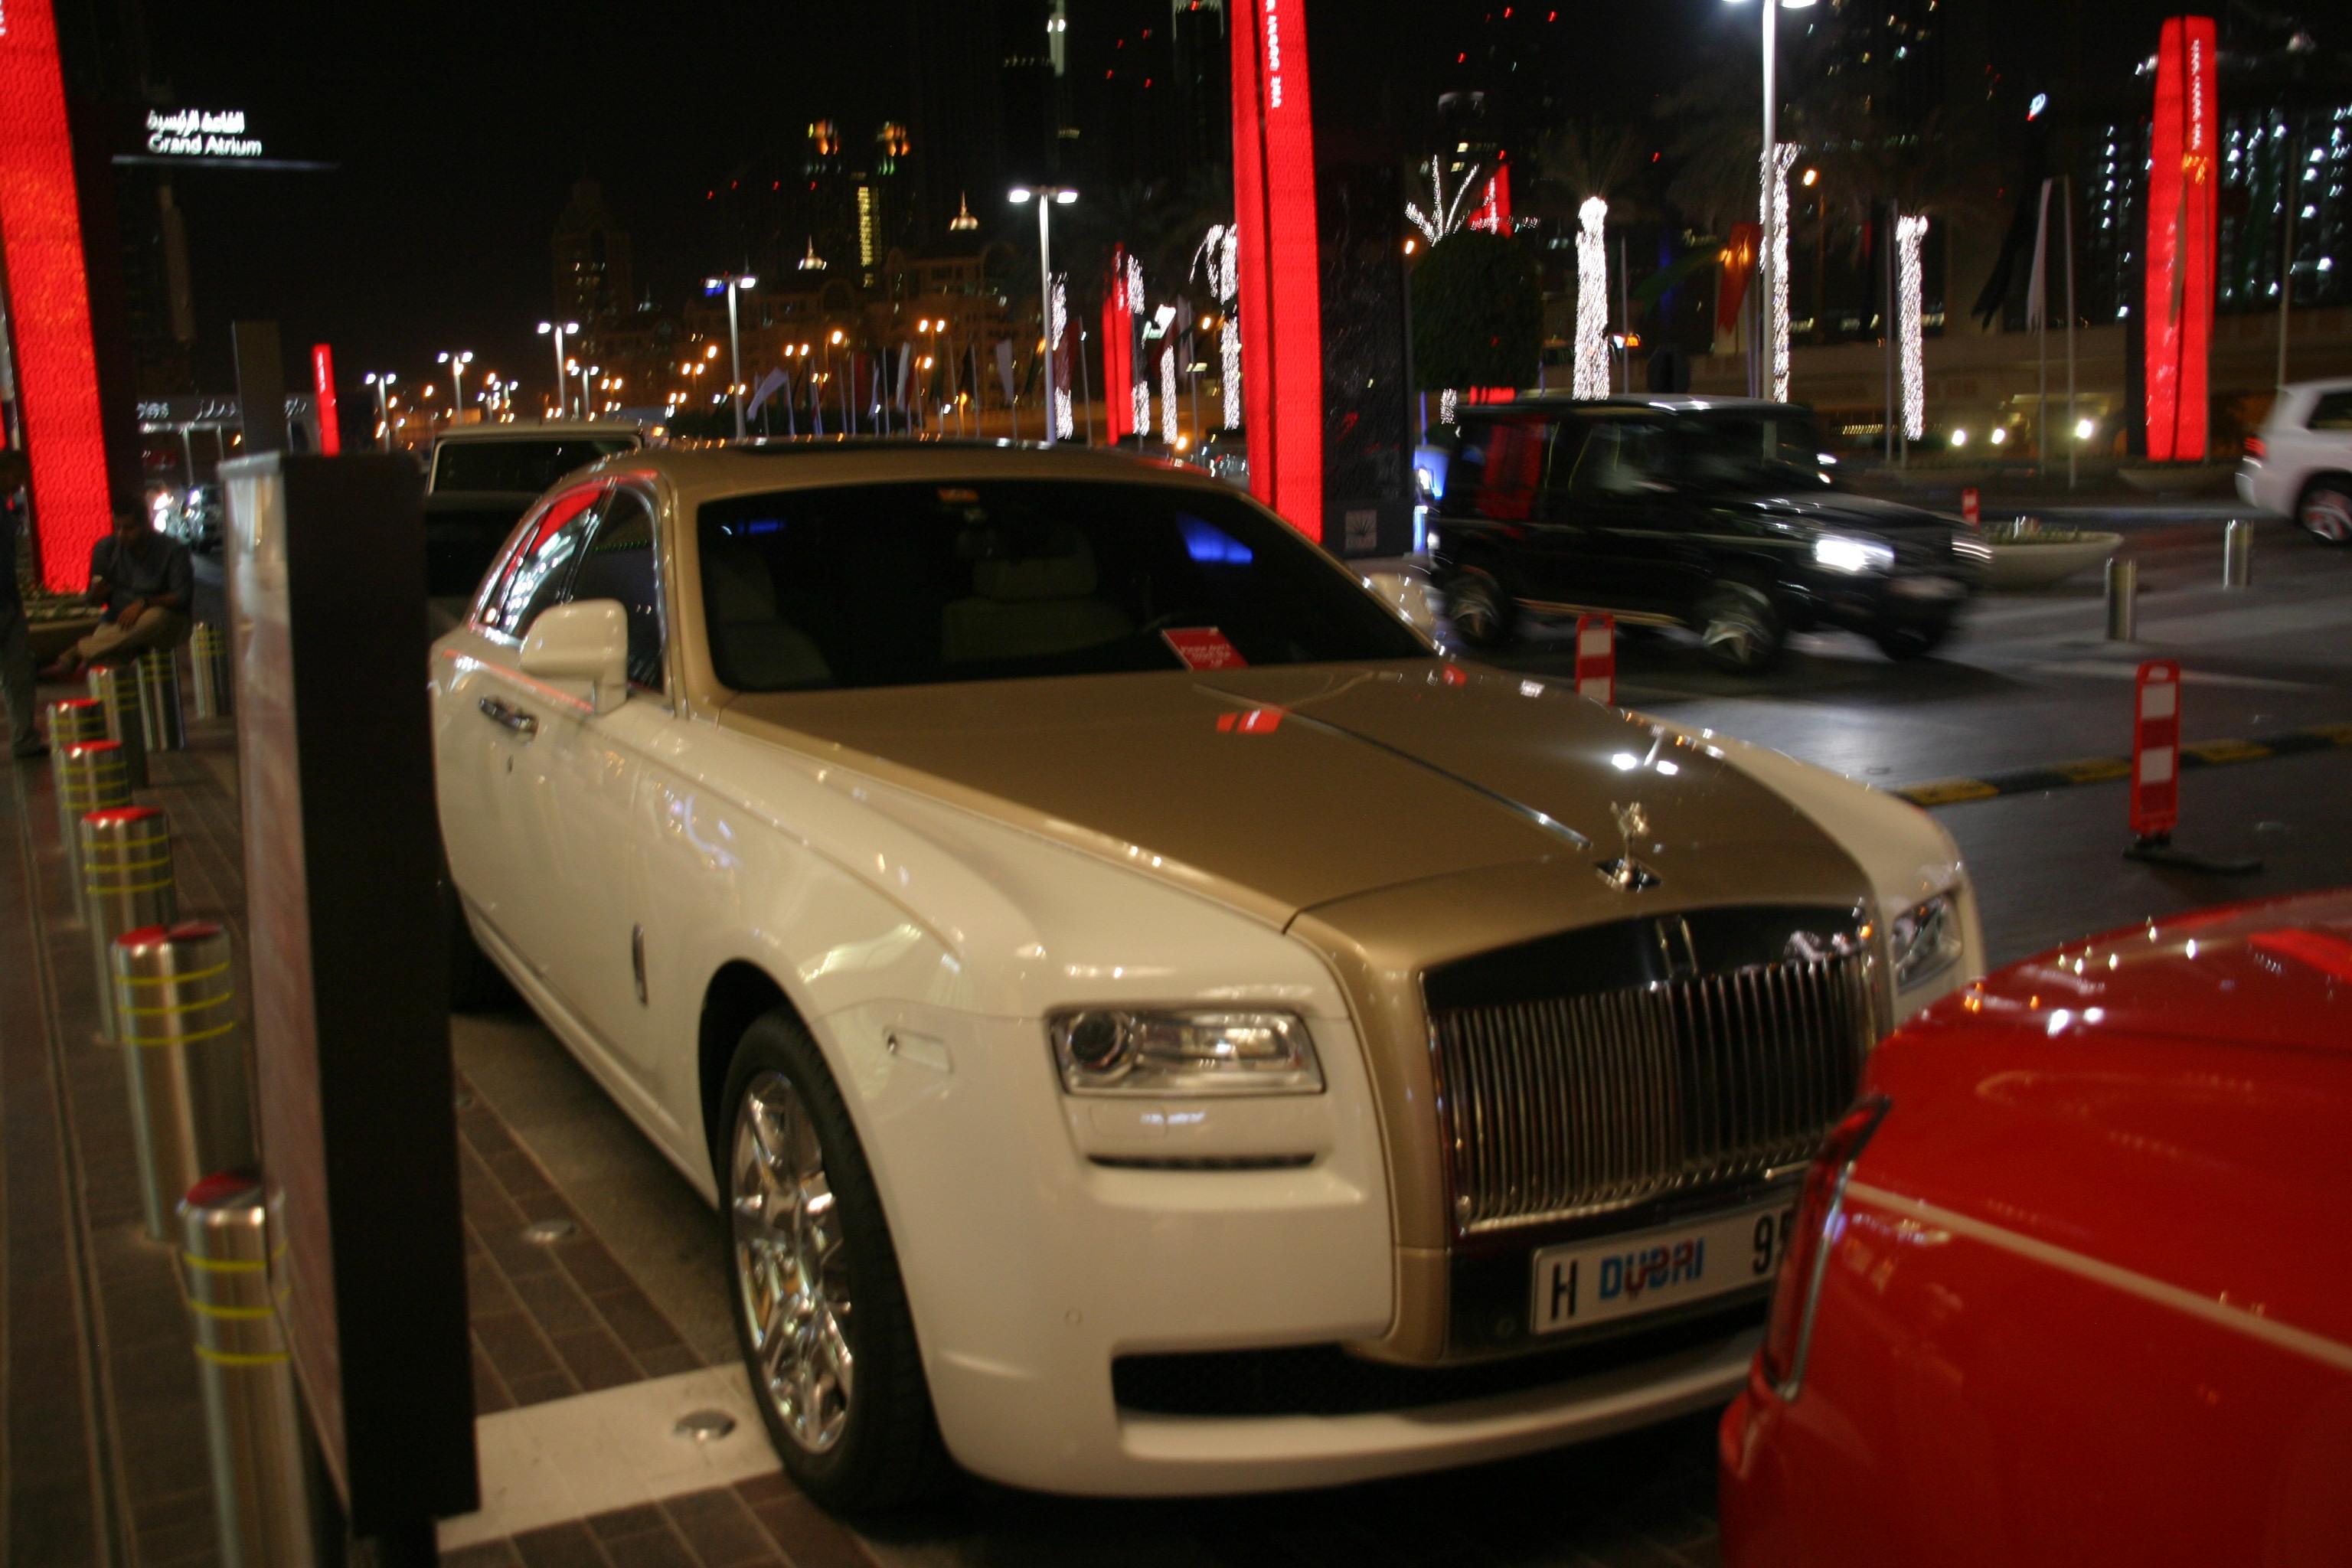 Luxus autók a Dubai Mall főbejárata előtt - a közbiztonságról sokat elmond, hogy a kocsikat nem zárják, hanem nyitva hagyják és sokszor az ablakba csak egy kis táblát tesznek ki, hogy ne tapogassák össze az idegenek a tisztára mosott autókat a kezeikkel